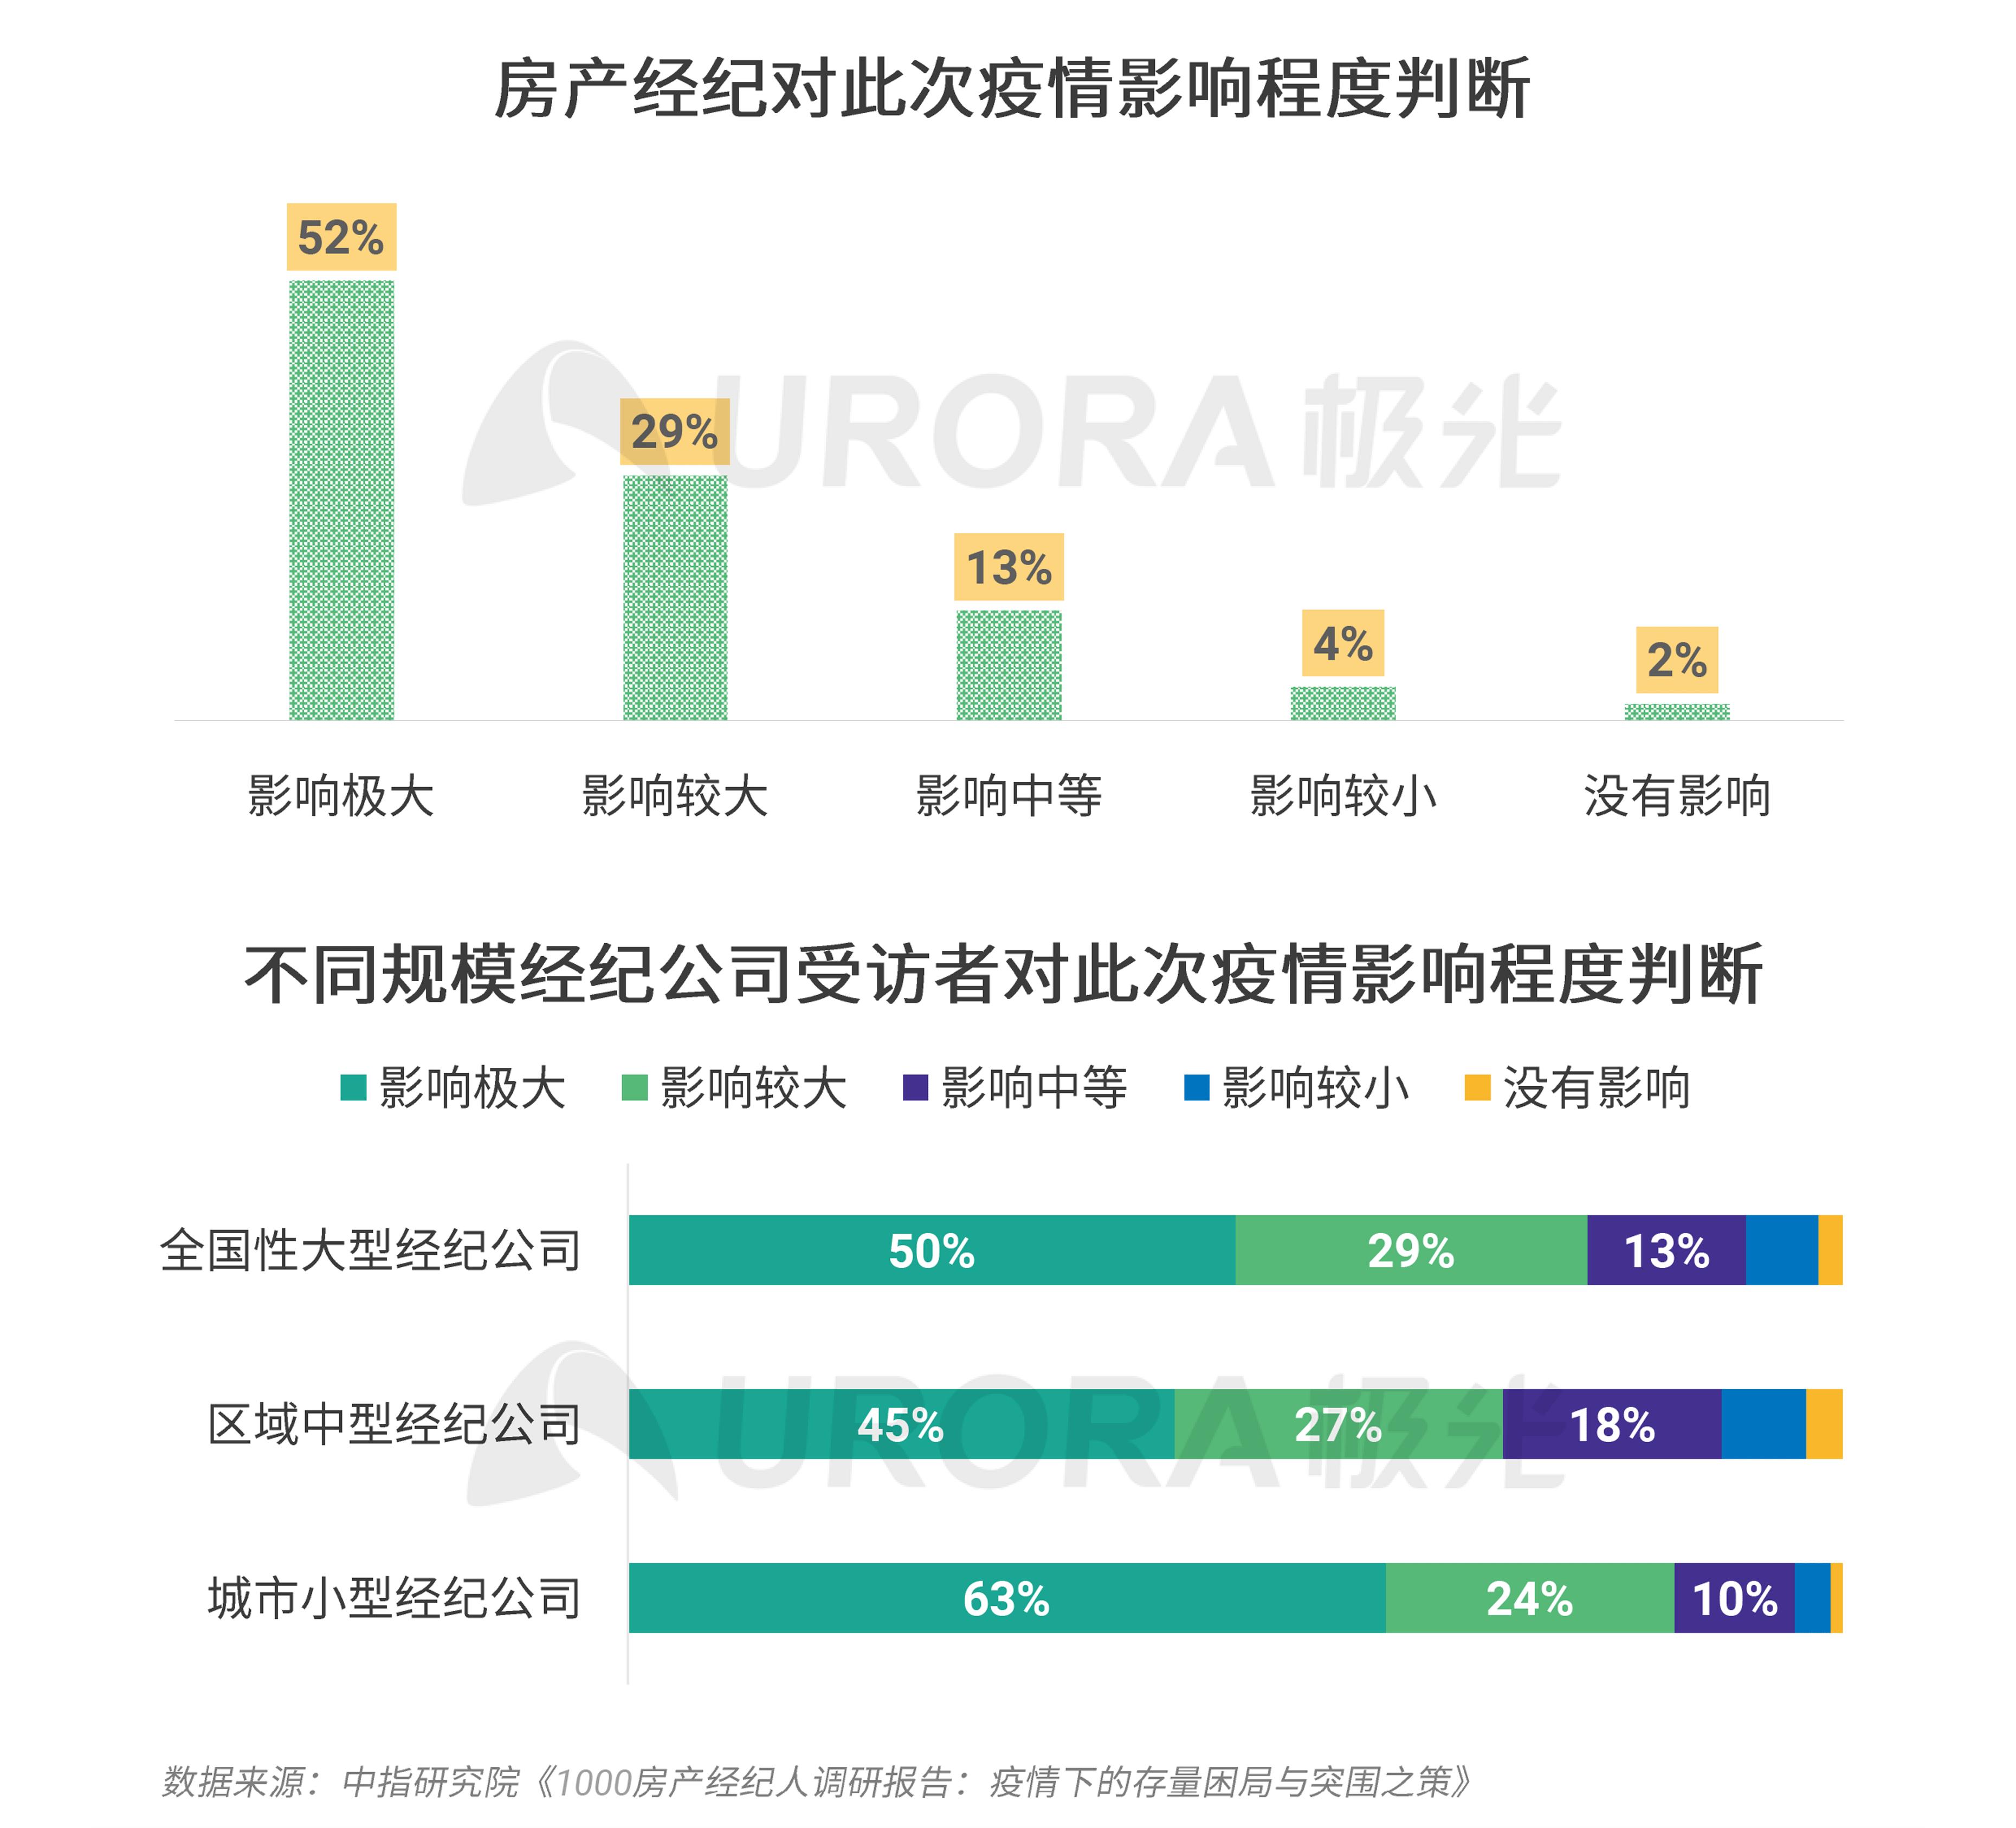 极光:2020年房产经纪行业和购房市场洞察报告 (10).png